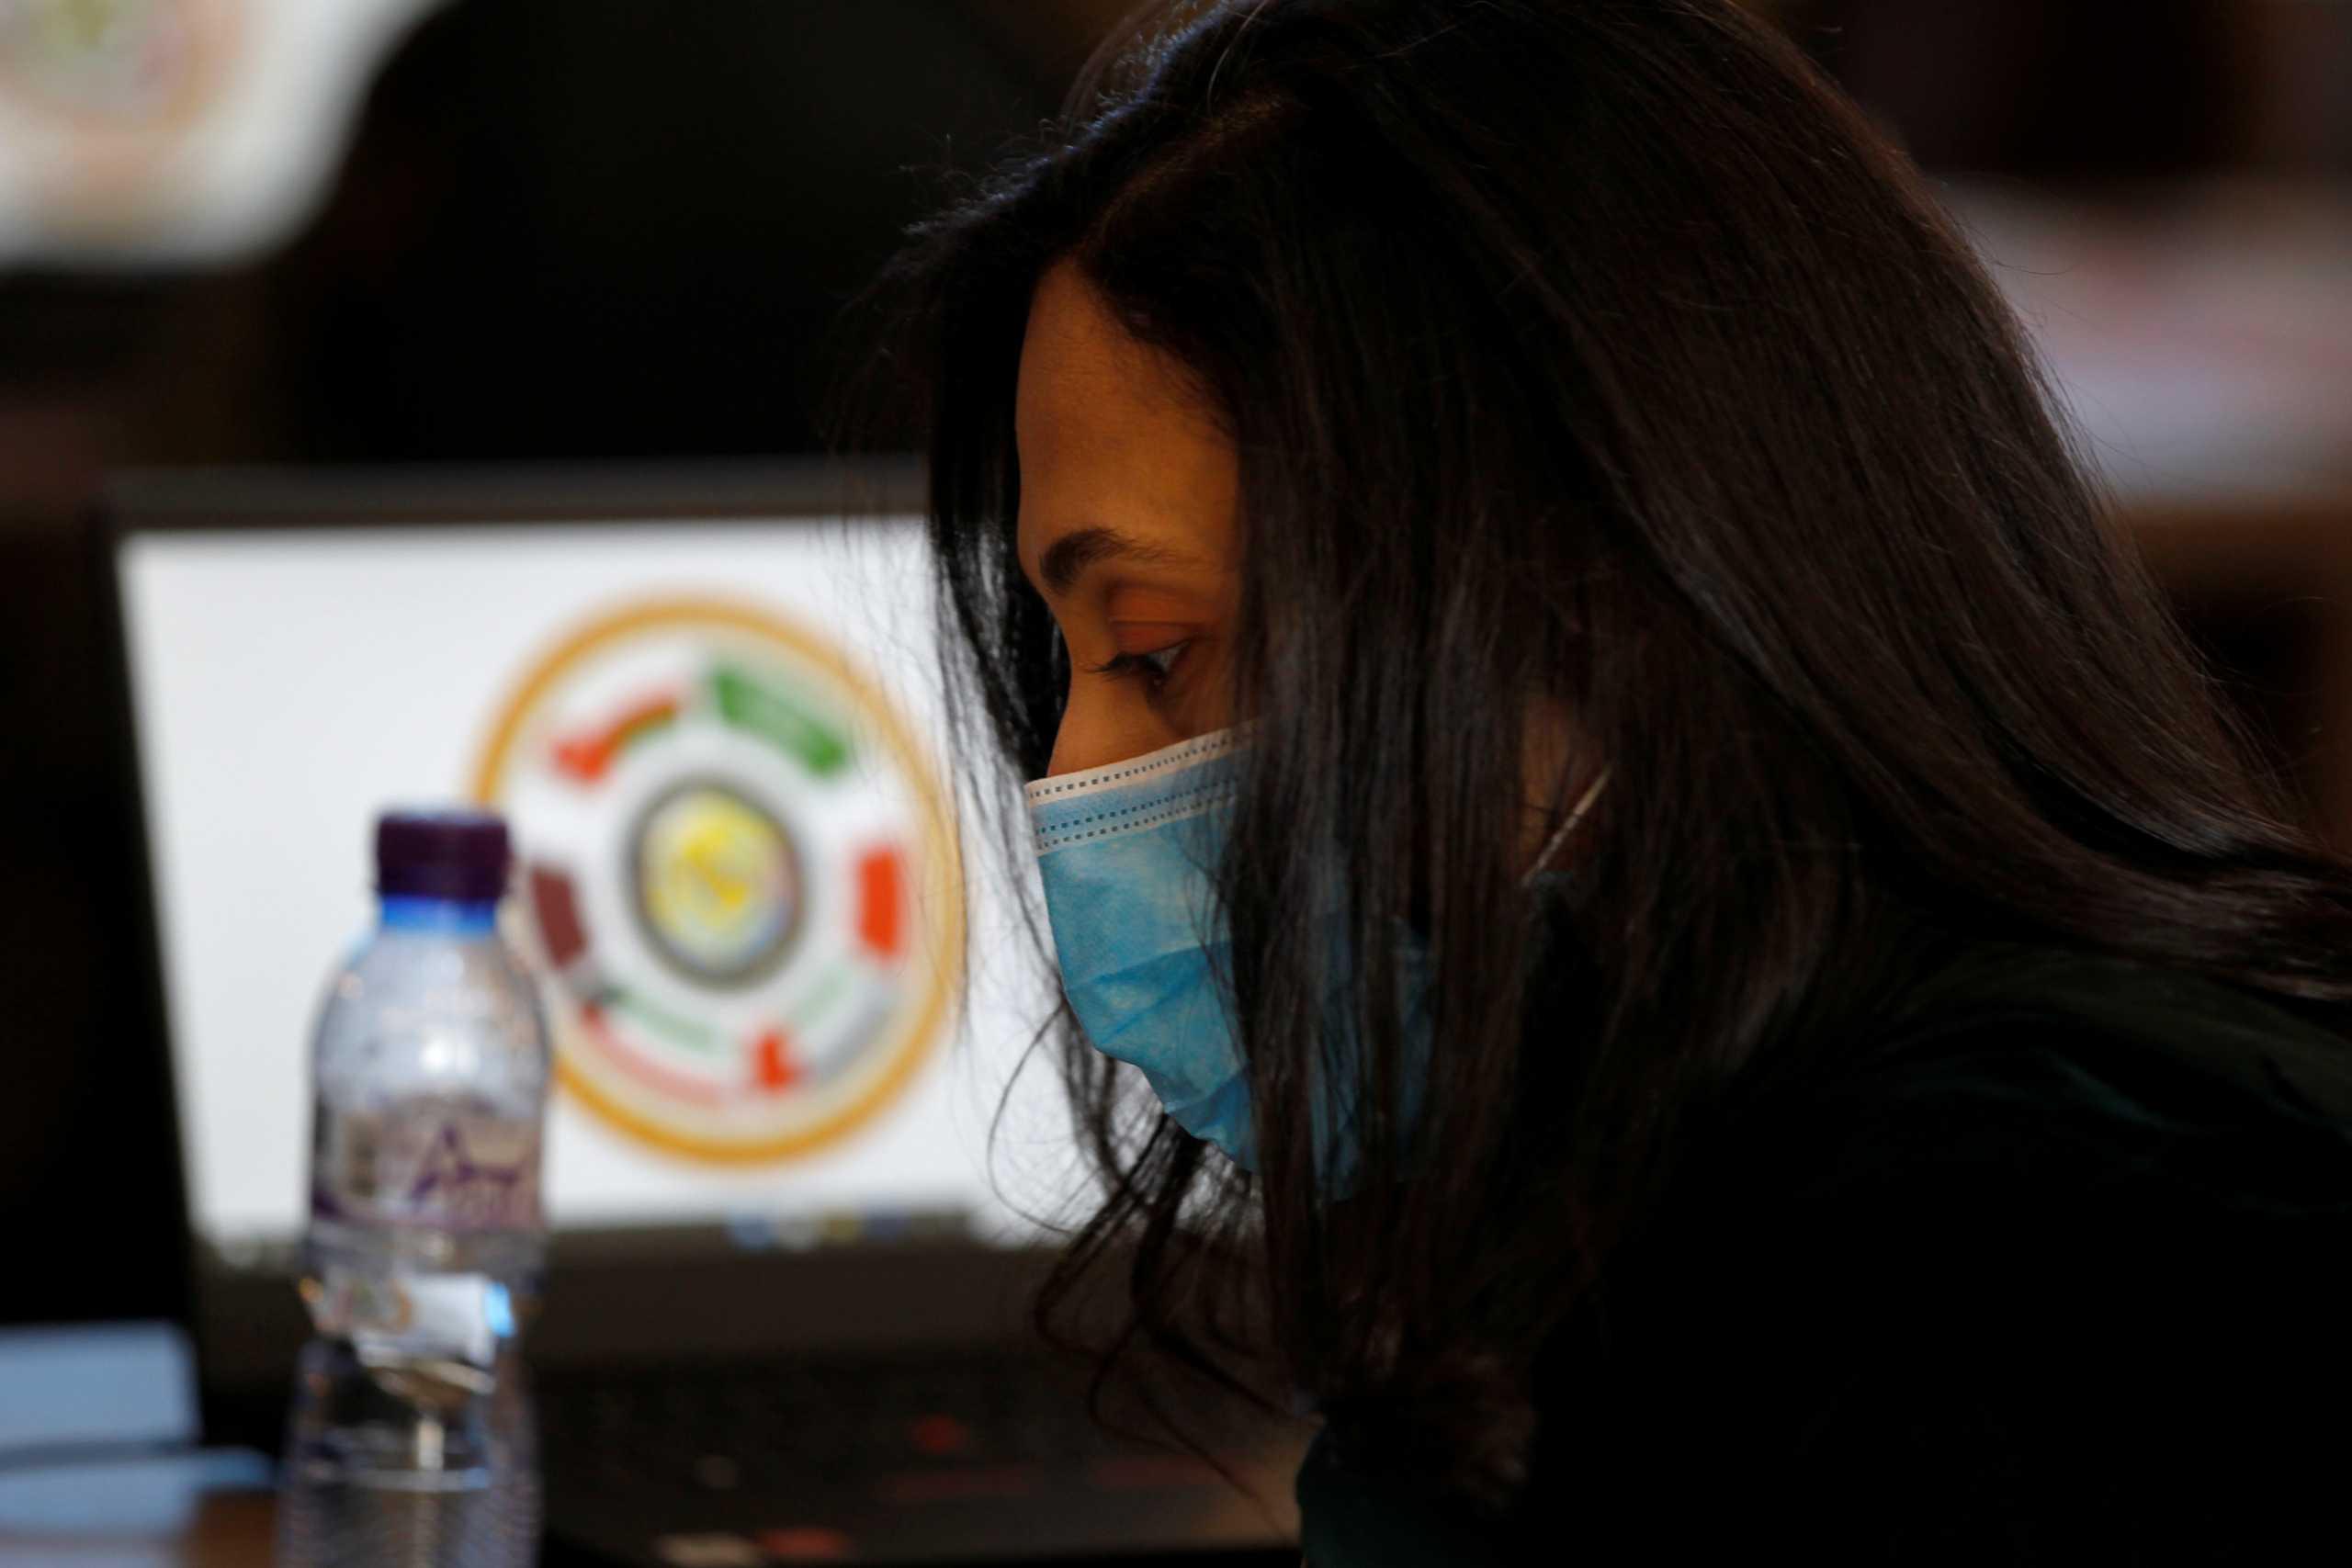 Αυτές τις δεξιότητες αναζητούν πλέον οι εργοδότες της πανδημίας